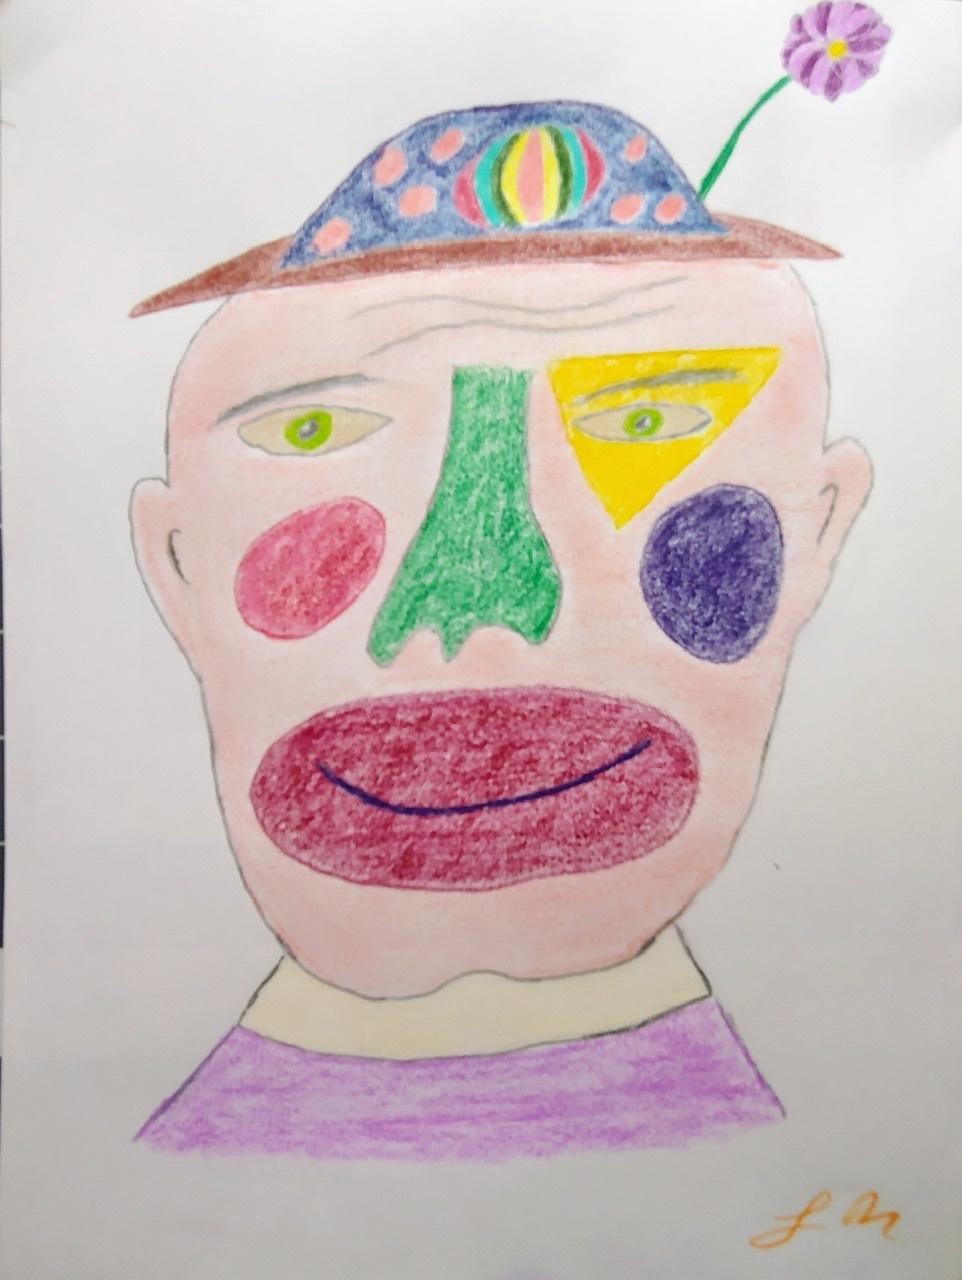 """<span style=""""color: #ff0000;""""><a style=""""color: #ff0000;"""" href=""""mailto:lucnadon7@gmail.com?subject=Défi 15 dessins 15 semaines -  Face de clown""""> Contacter l'artiste</a></span> Luc Nadon -  Face de clown - 15$  (transaction directement avec l'artiste), crayon sur papier Strathmore sketch 90g, 12 x 9 po encadré"""